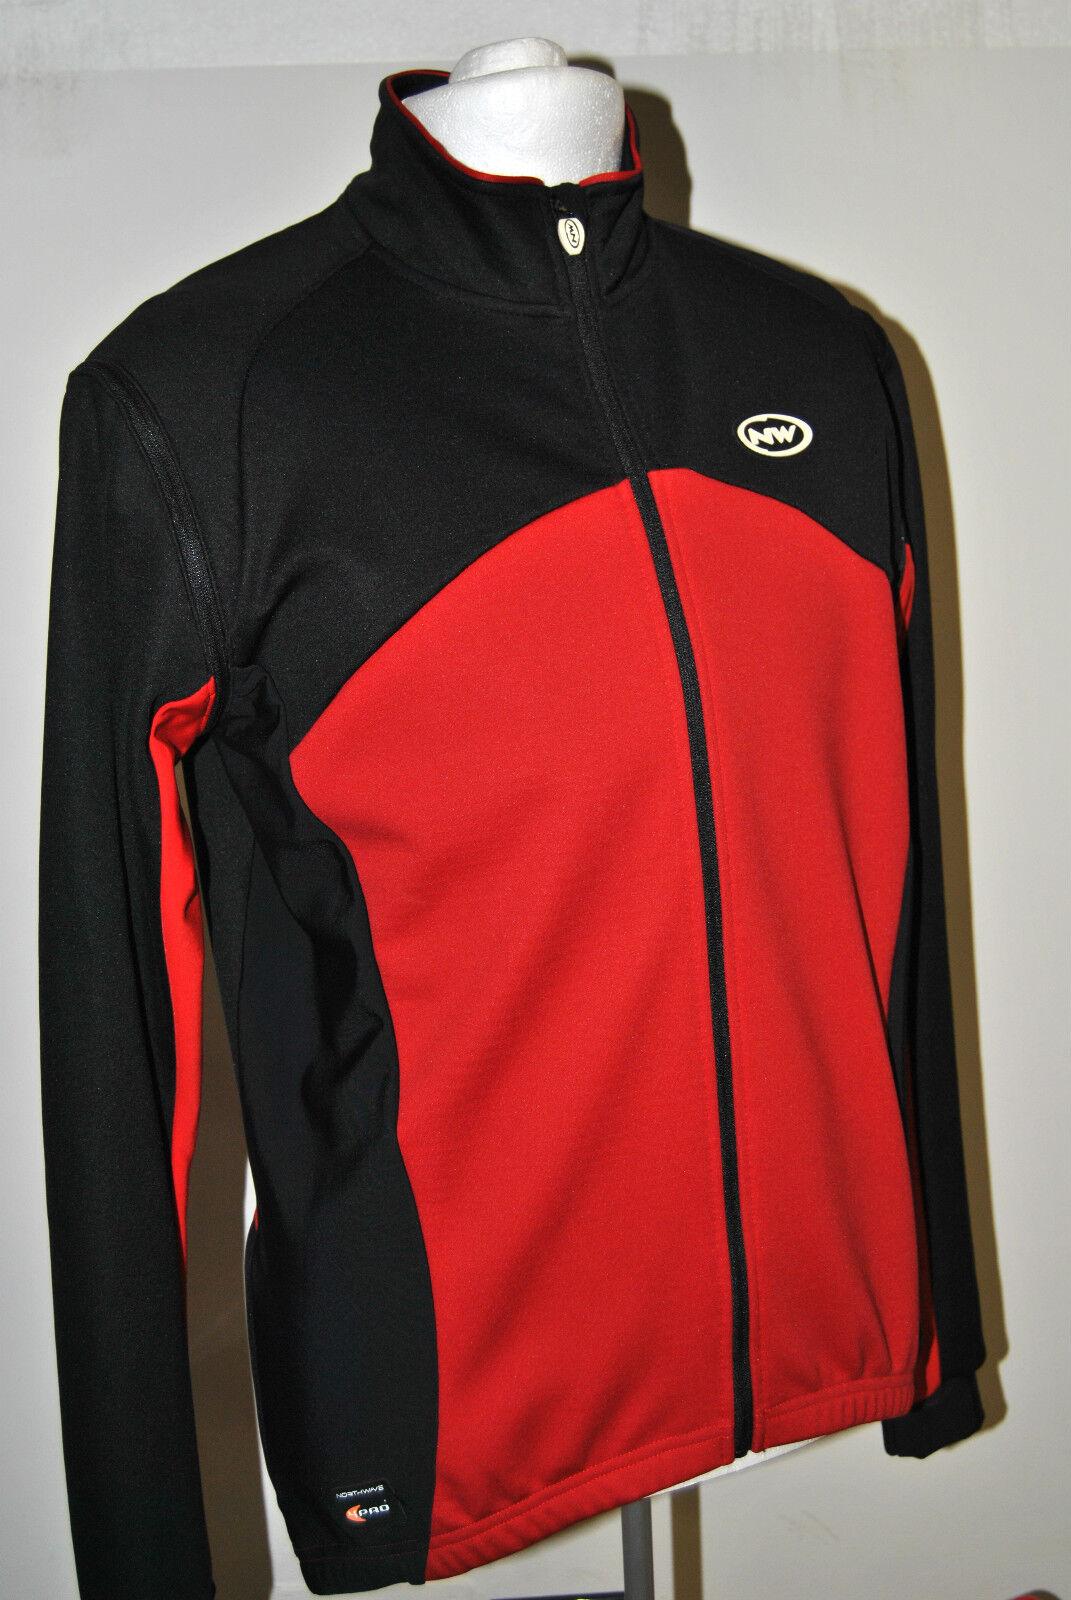 VESTE Pour l'hiver  NORTHWAVE COMBI Mod. color Red veste RED BLA  fishional store for sale